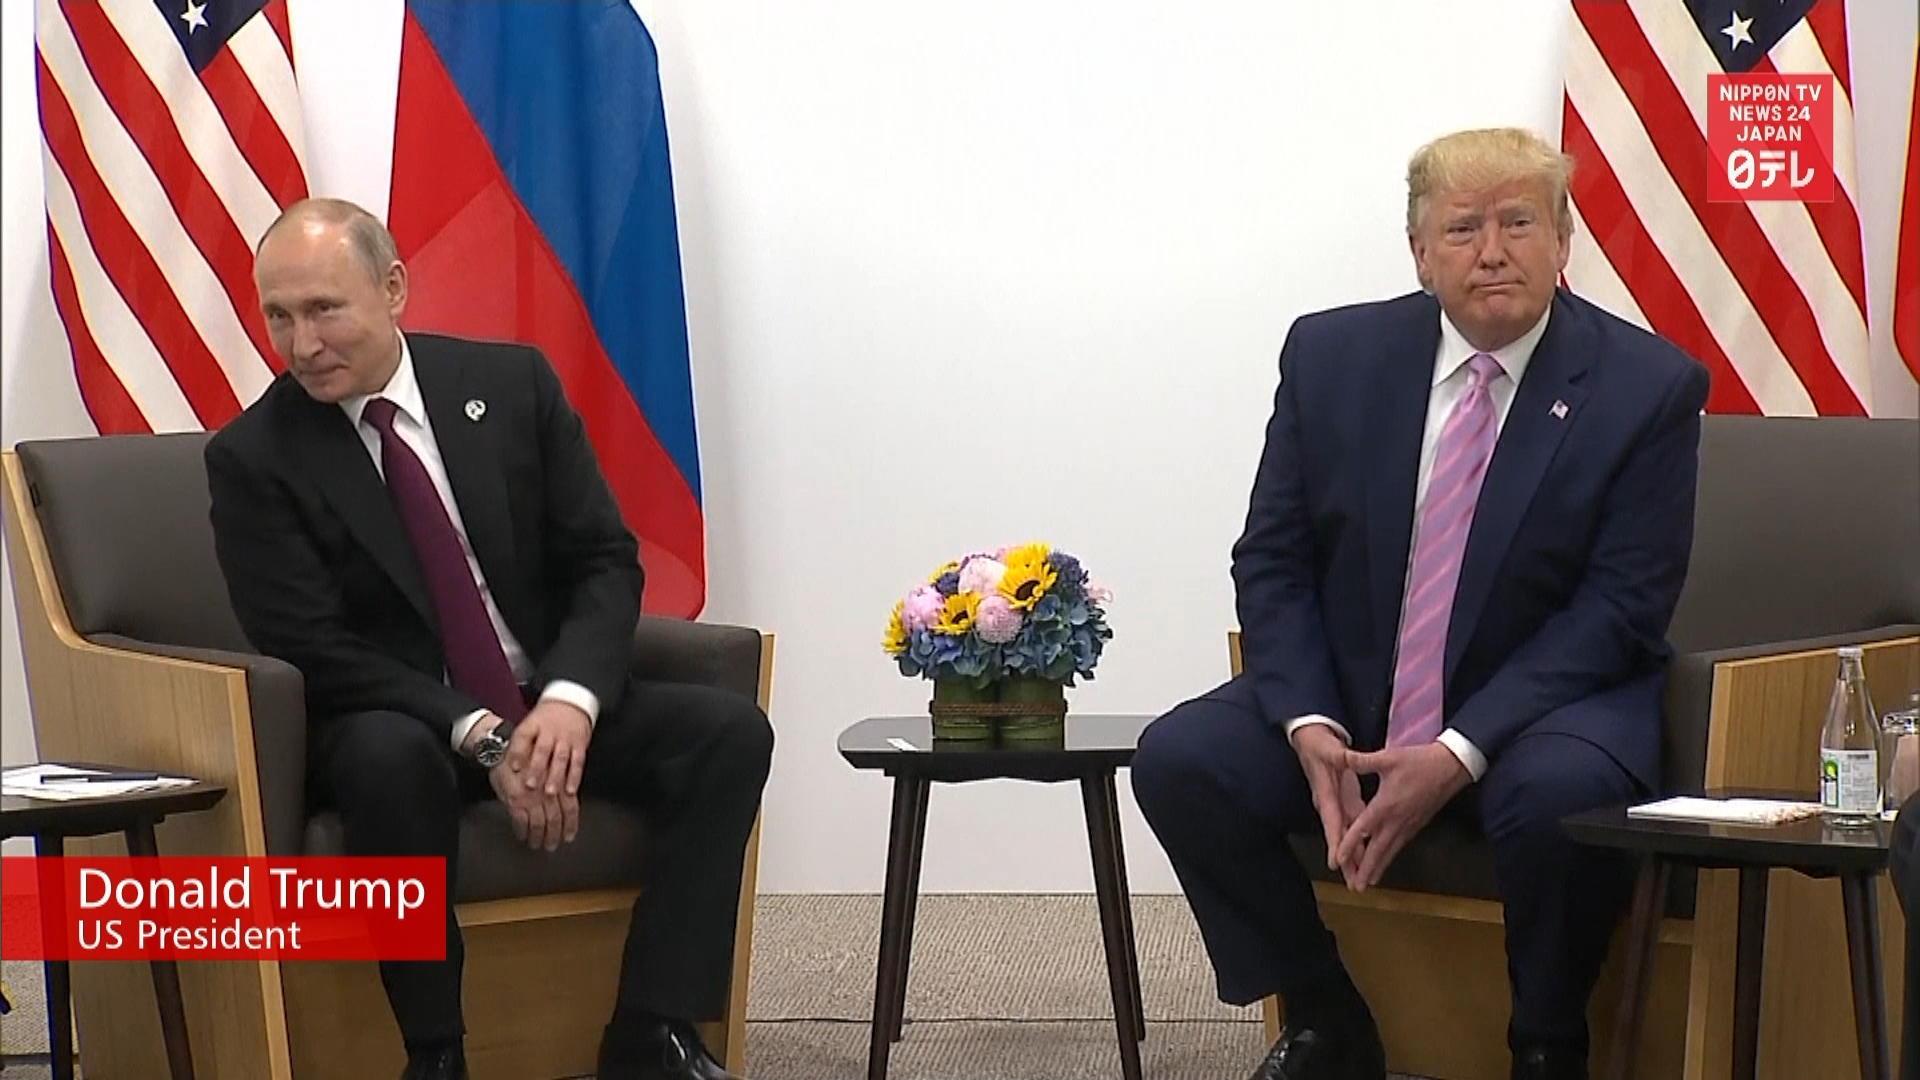 G20: Trump, Putin vow to improve ties